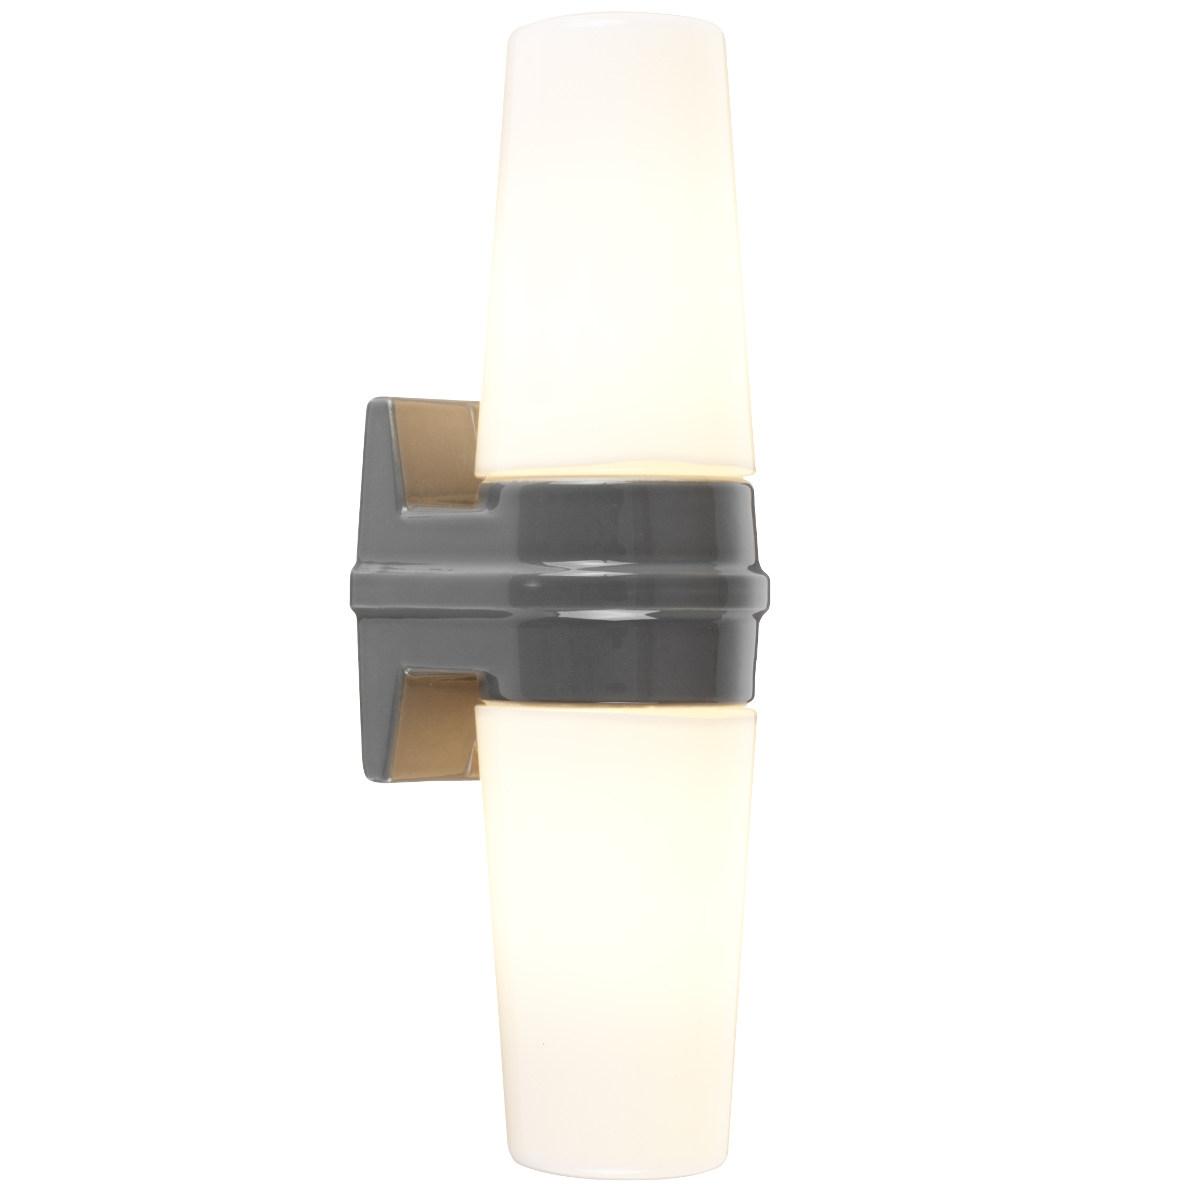 20170117221525 badezimmer lampen ber spiegel. Black Bedroom Furniture Sets. Home Design Ideas